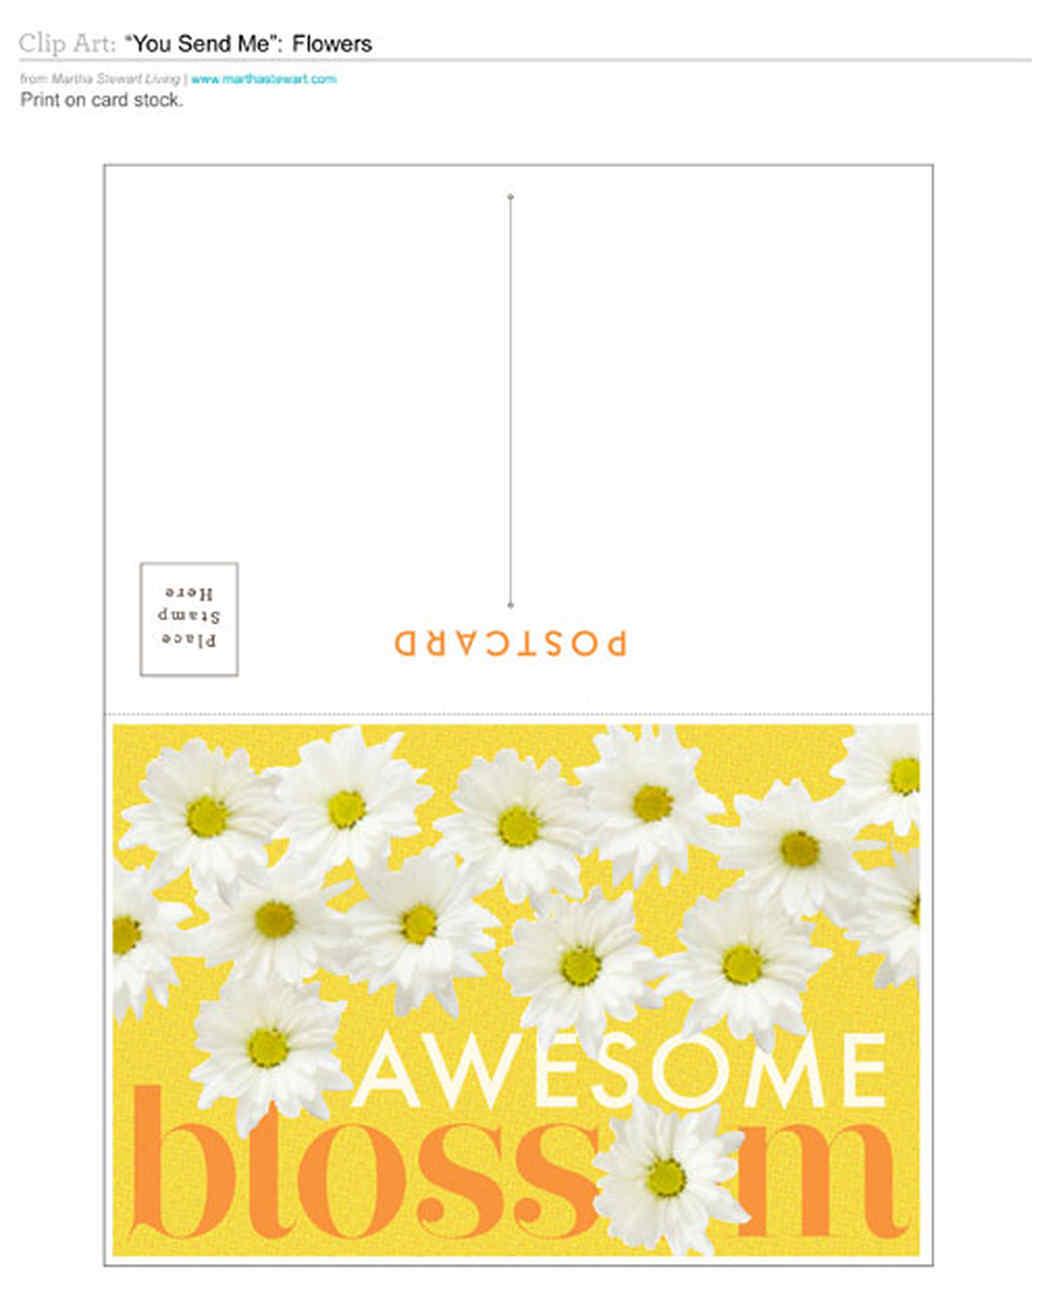 poastcards-blossom-0811mld107292.jpg